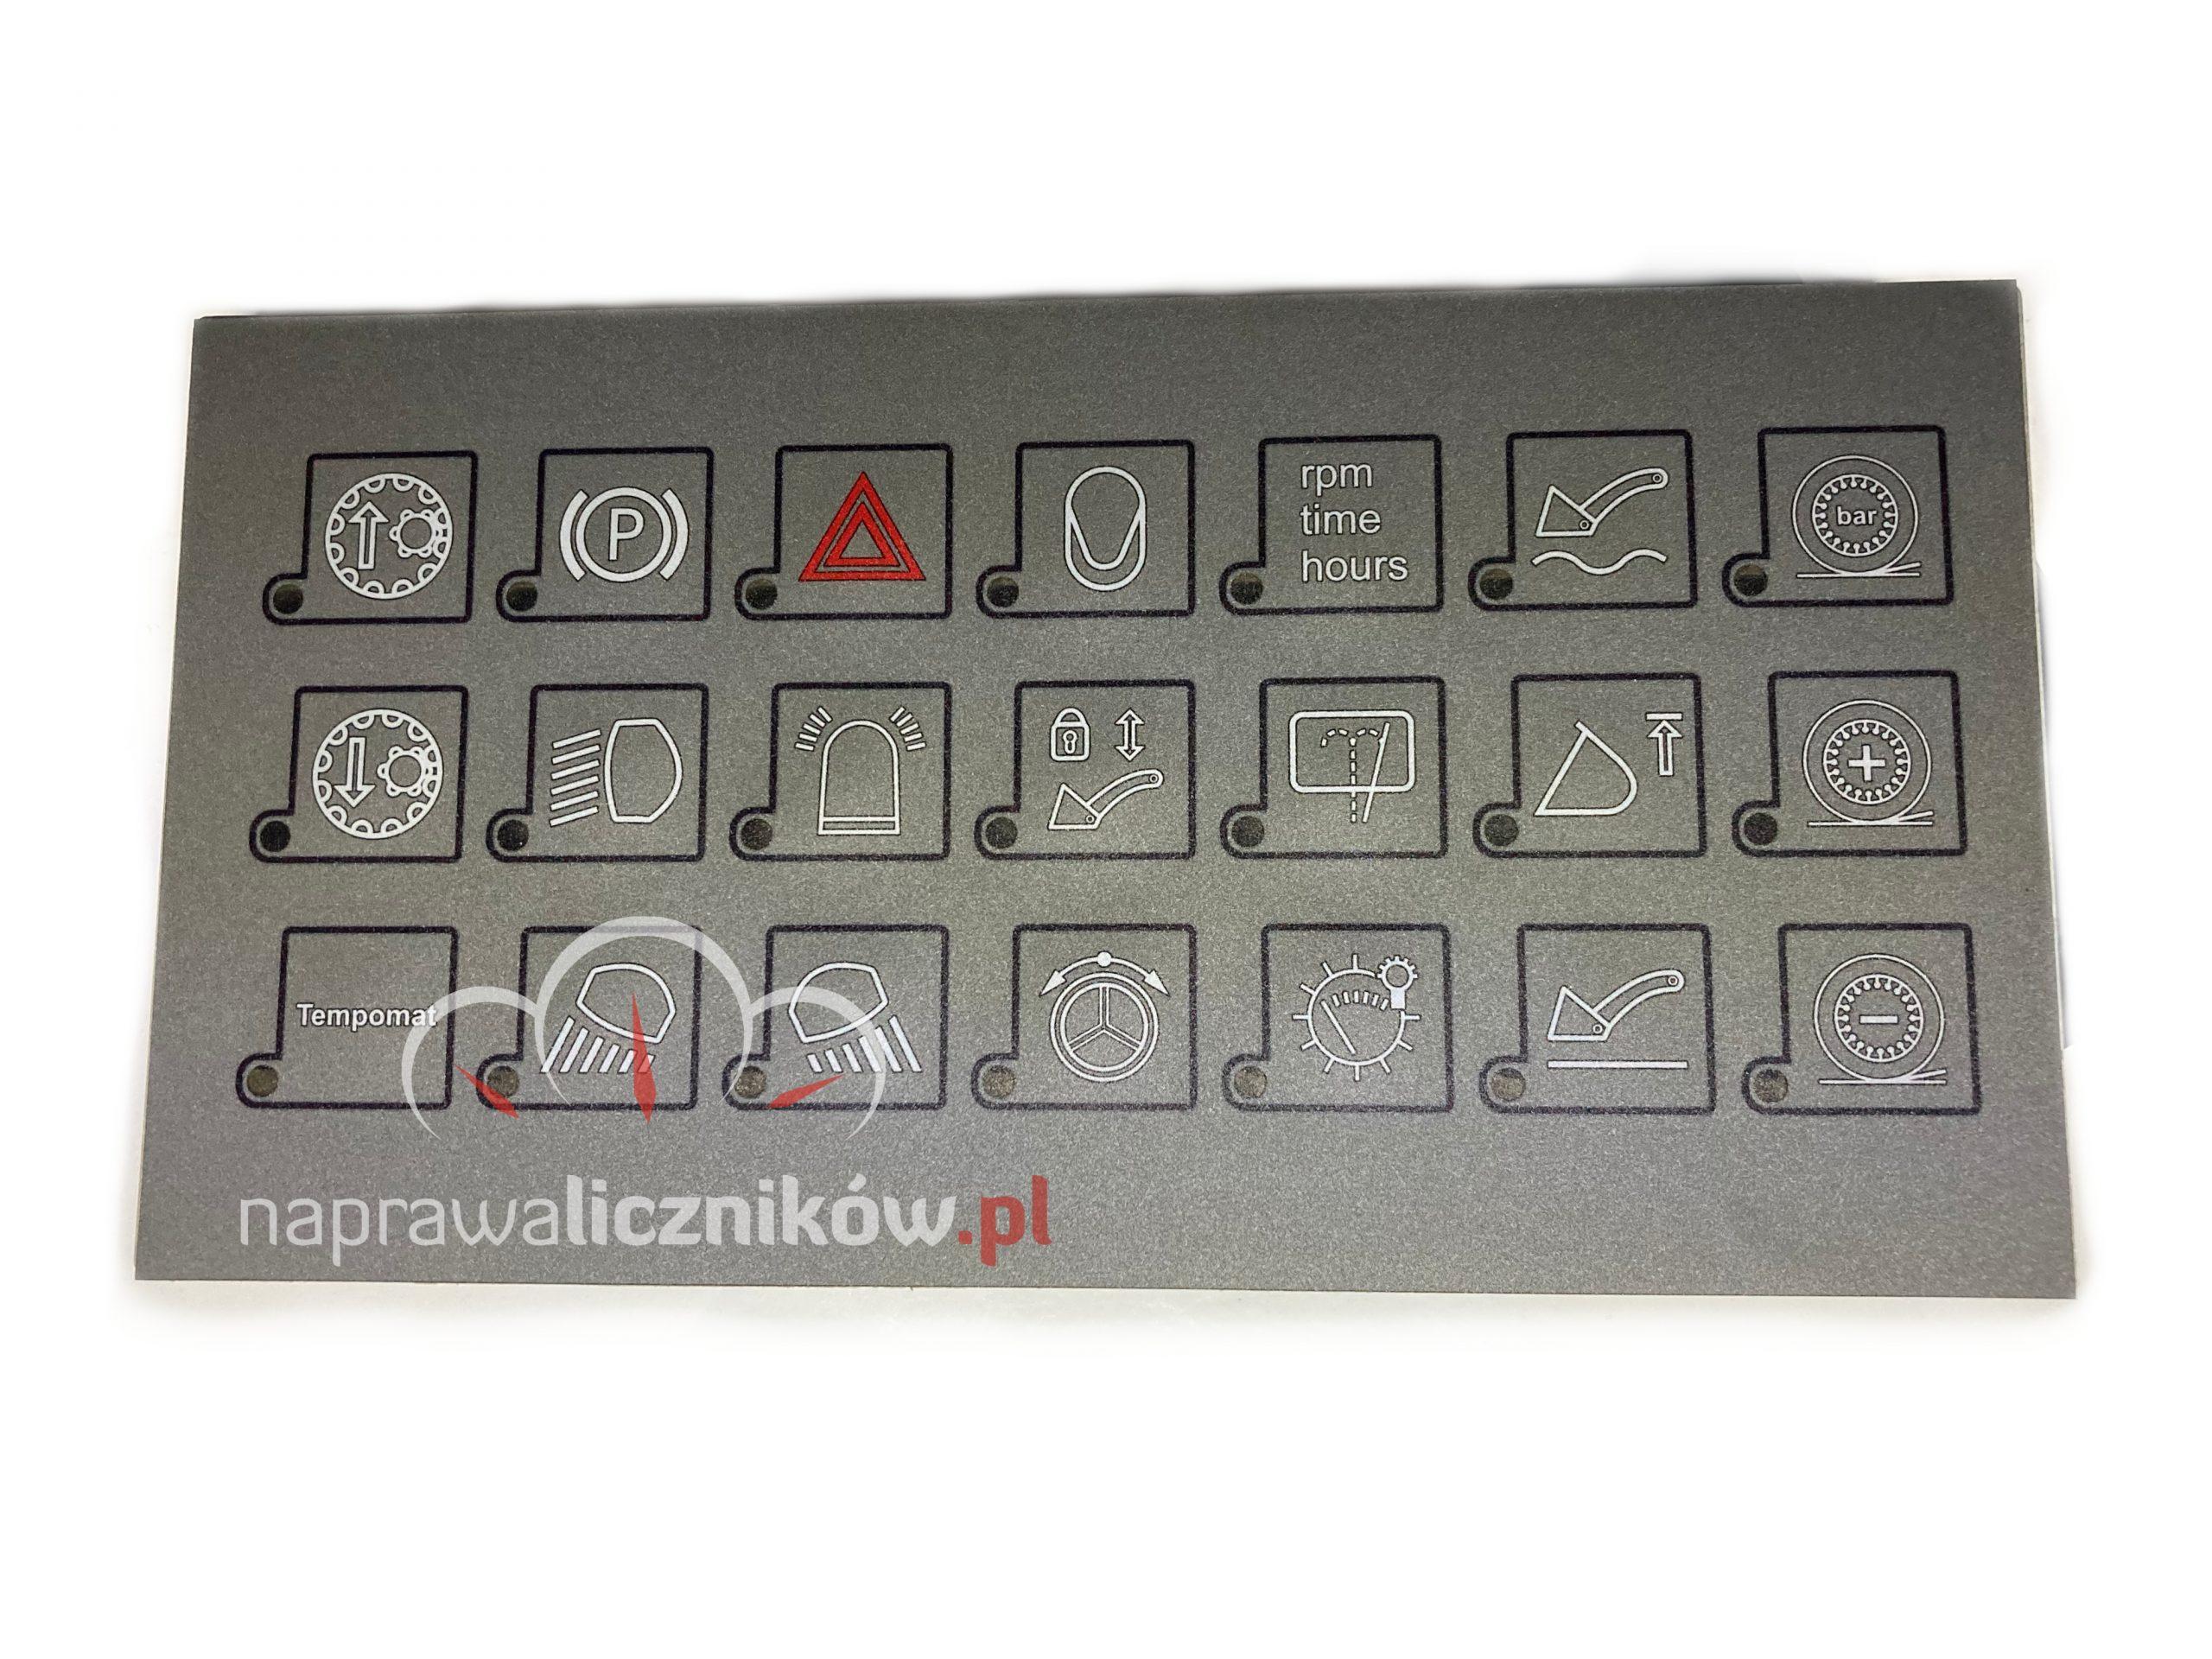 Naprawa panelu przycisków Liebherr L566